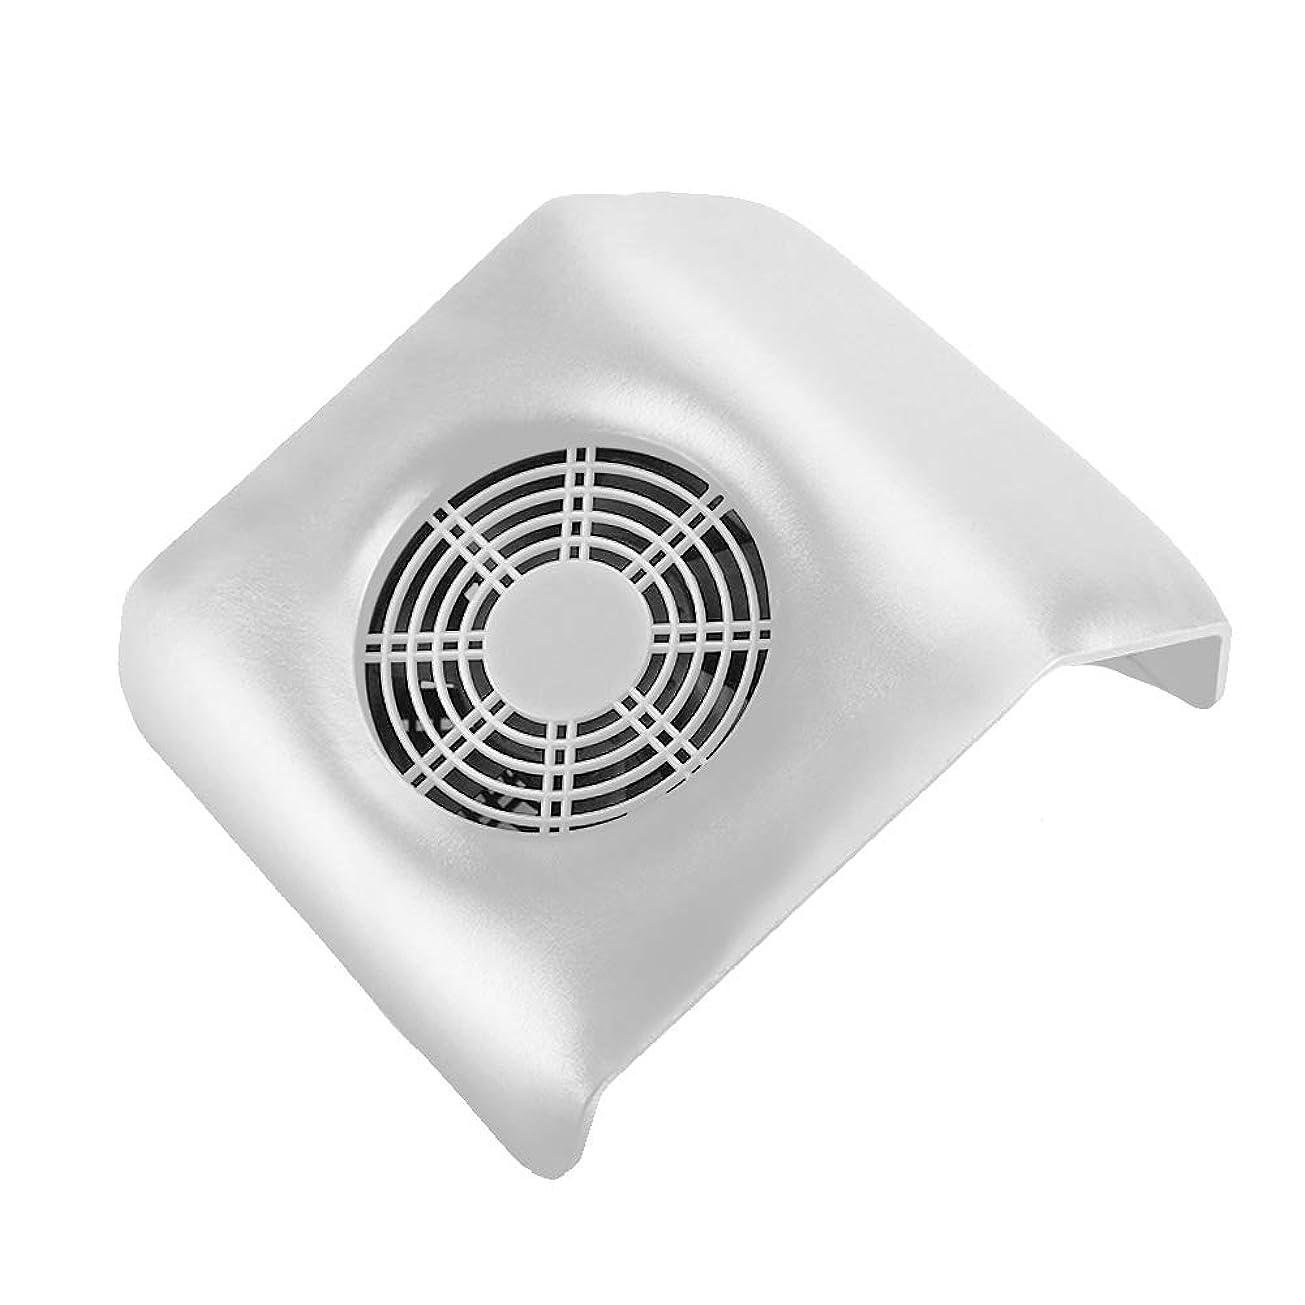 補助金紫の洞察力ネイル 集塵機 ネイルアート掃除機 ネイルマシン ネイルダスト ダストクリーナー ネイル機器 集塵バッグ付き ホワイト